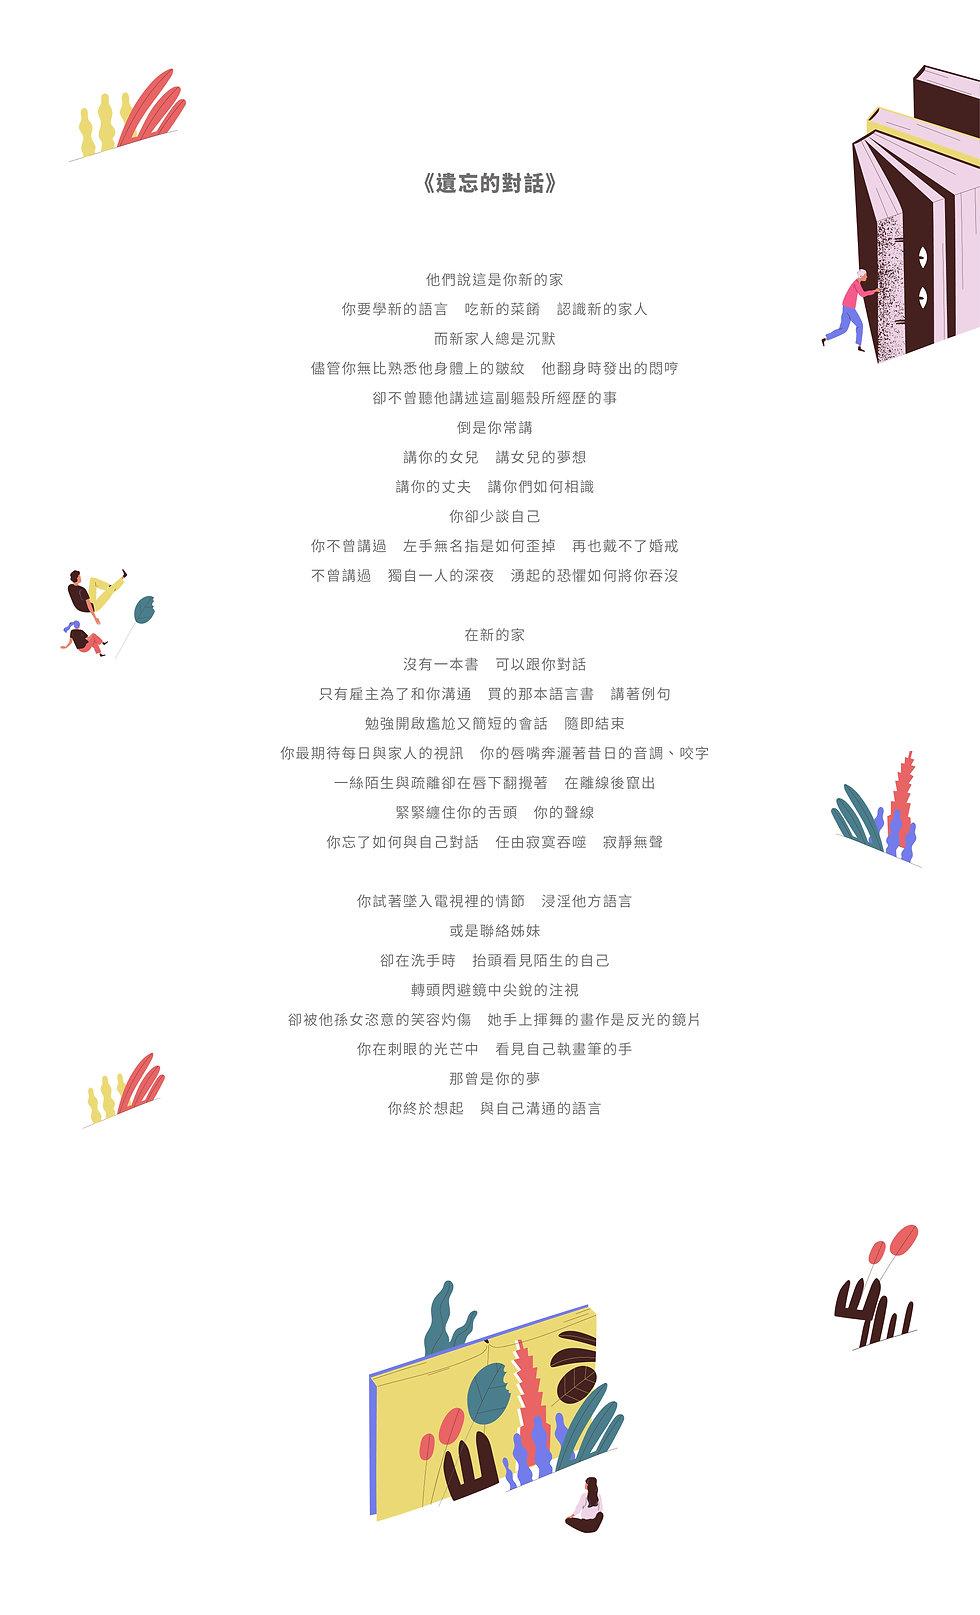 入圍作品_詩文組_評審獎-03.jpg